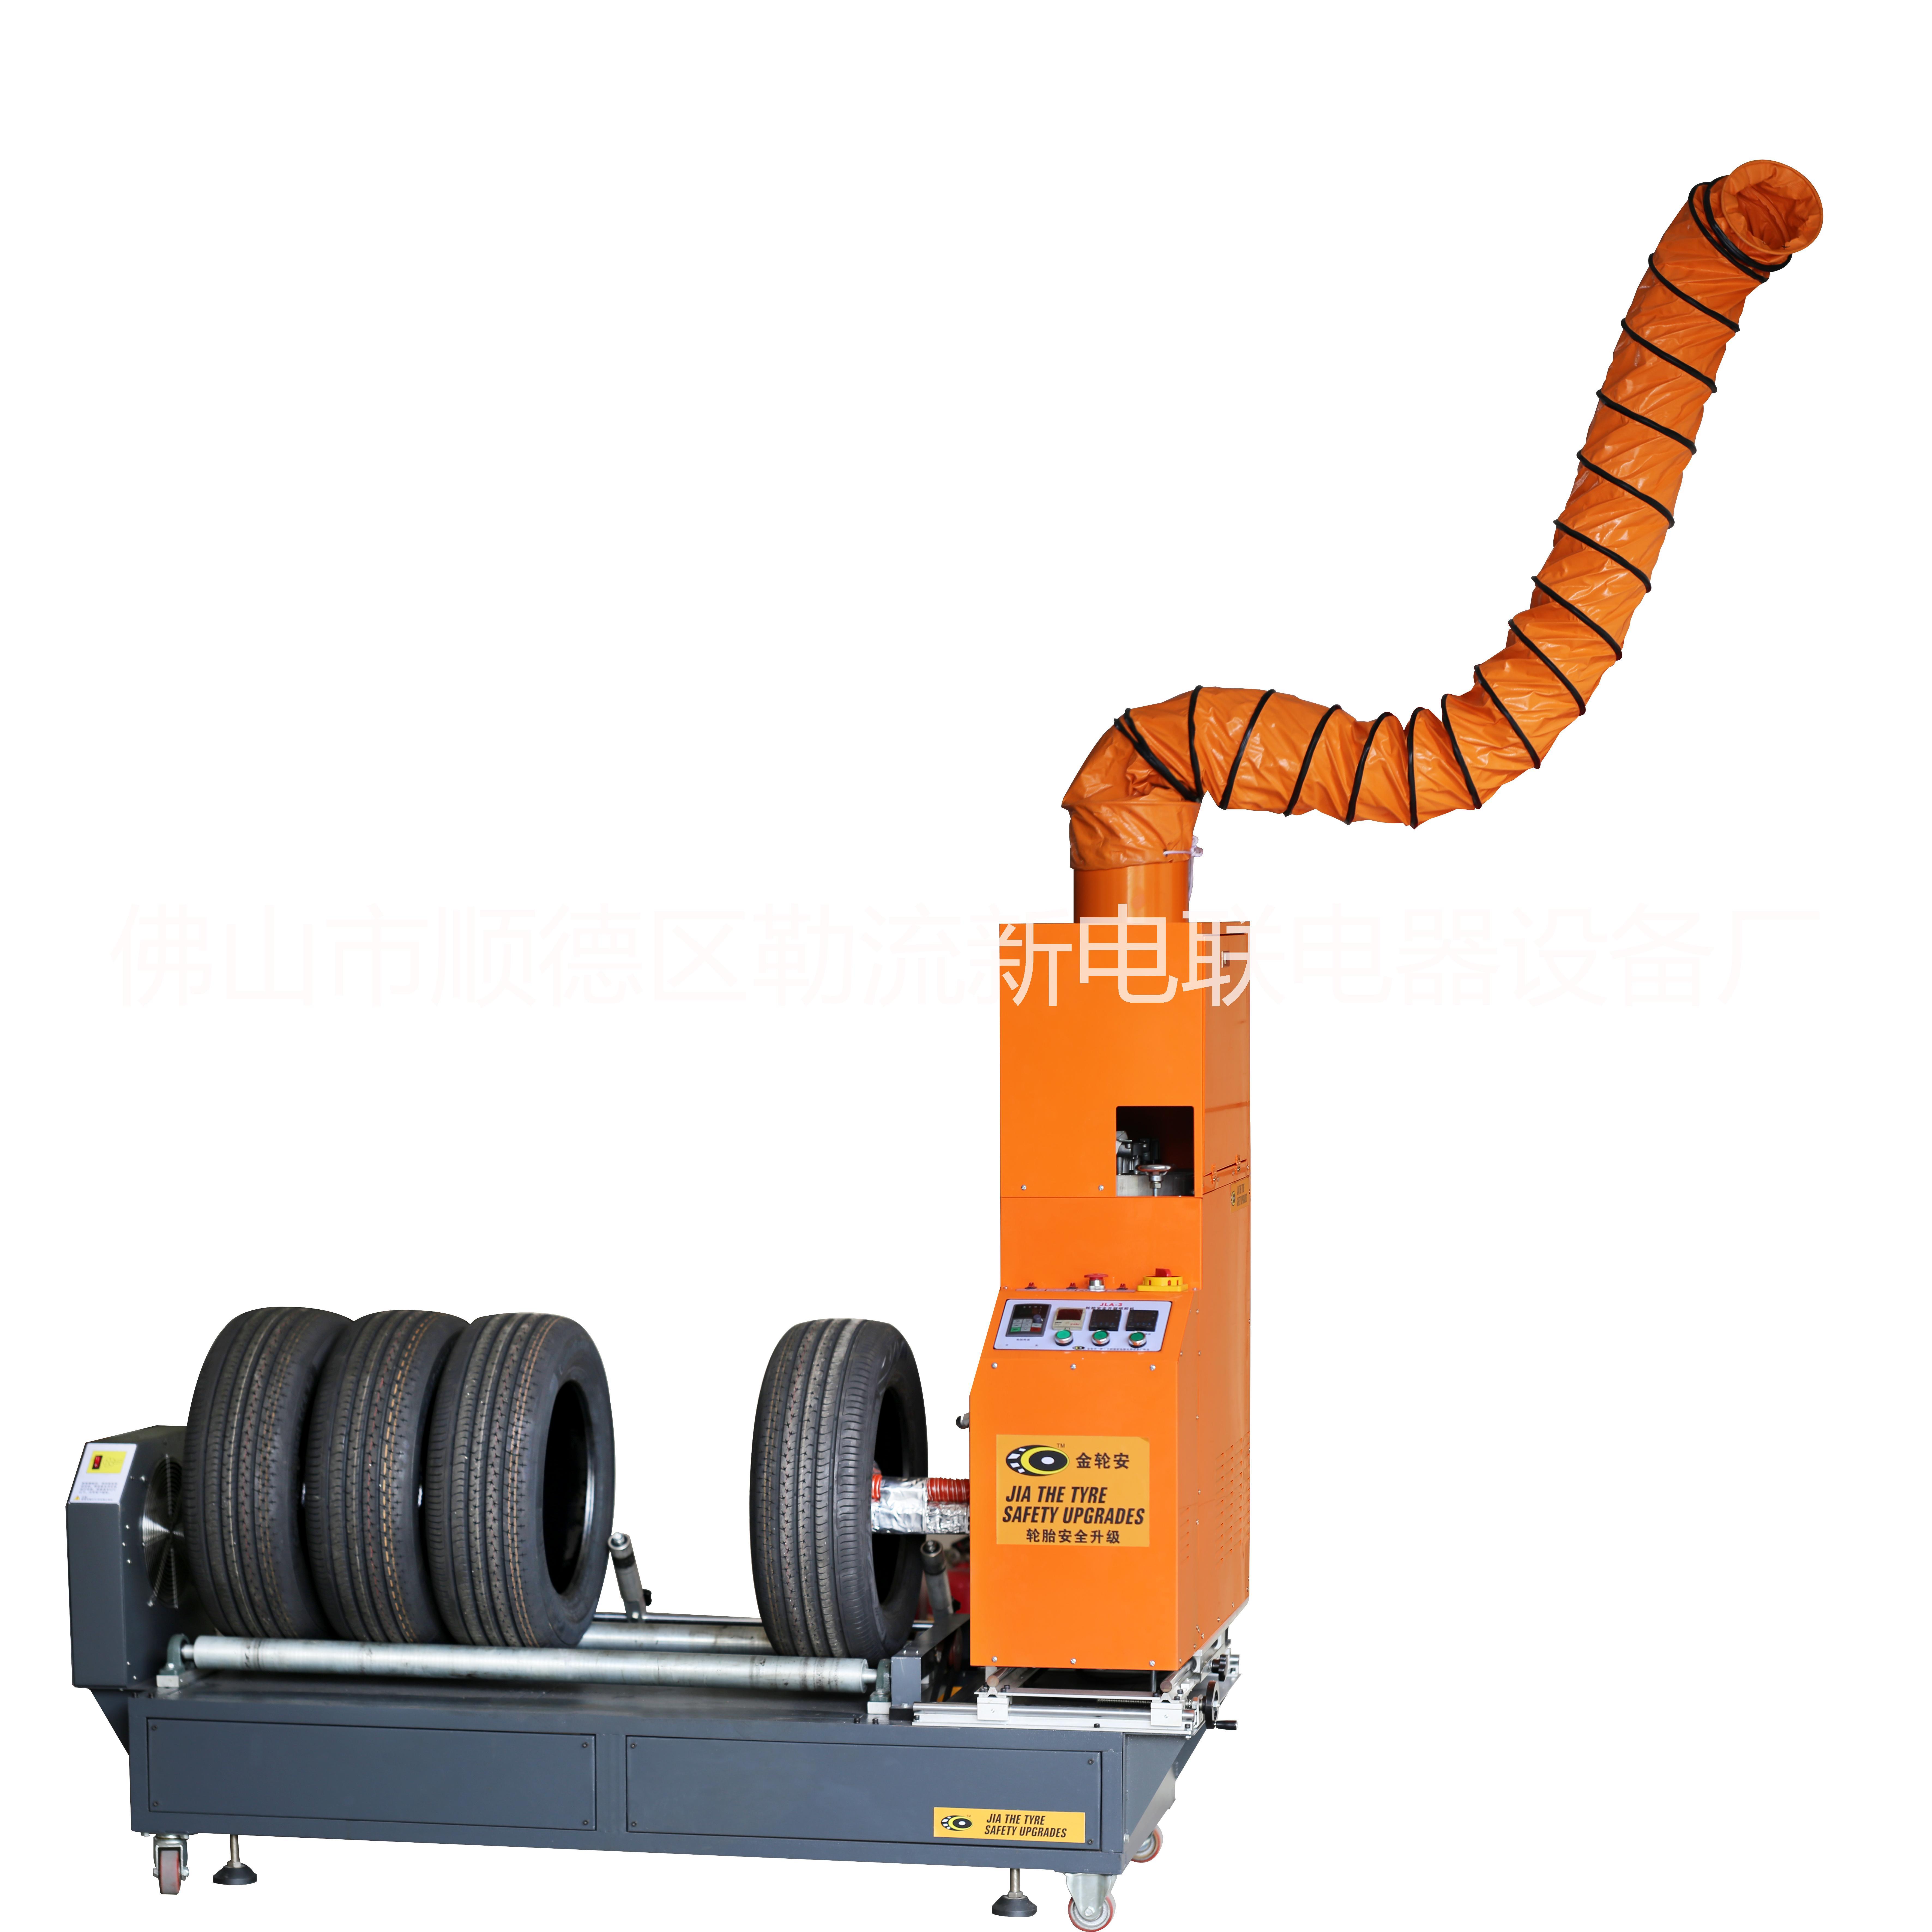 轮胎升级喷胶机厂家/供应商/制造商 轮胎升级喷胶机工厂